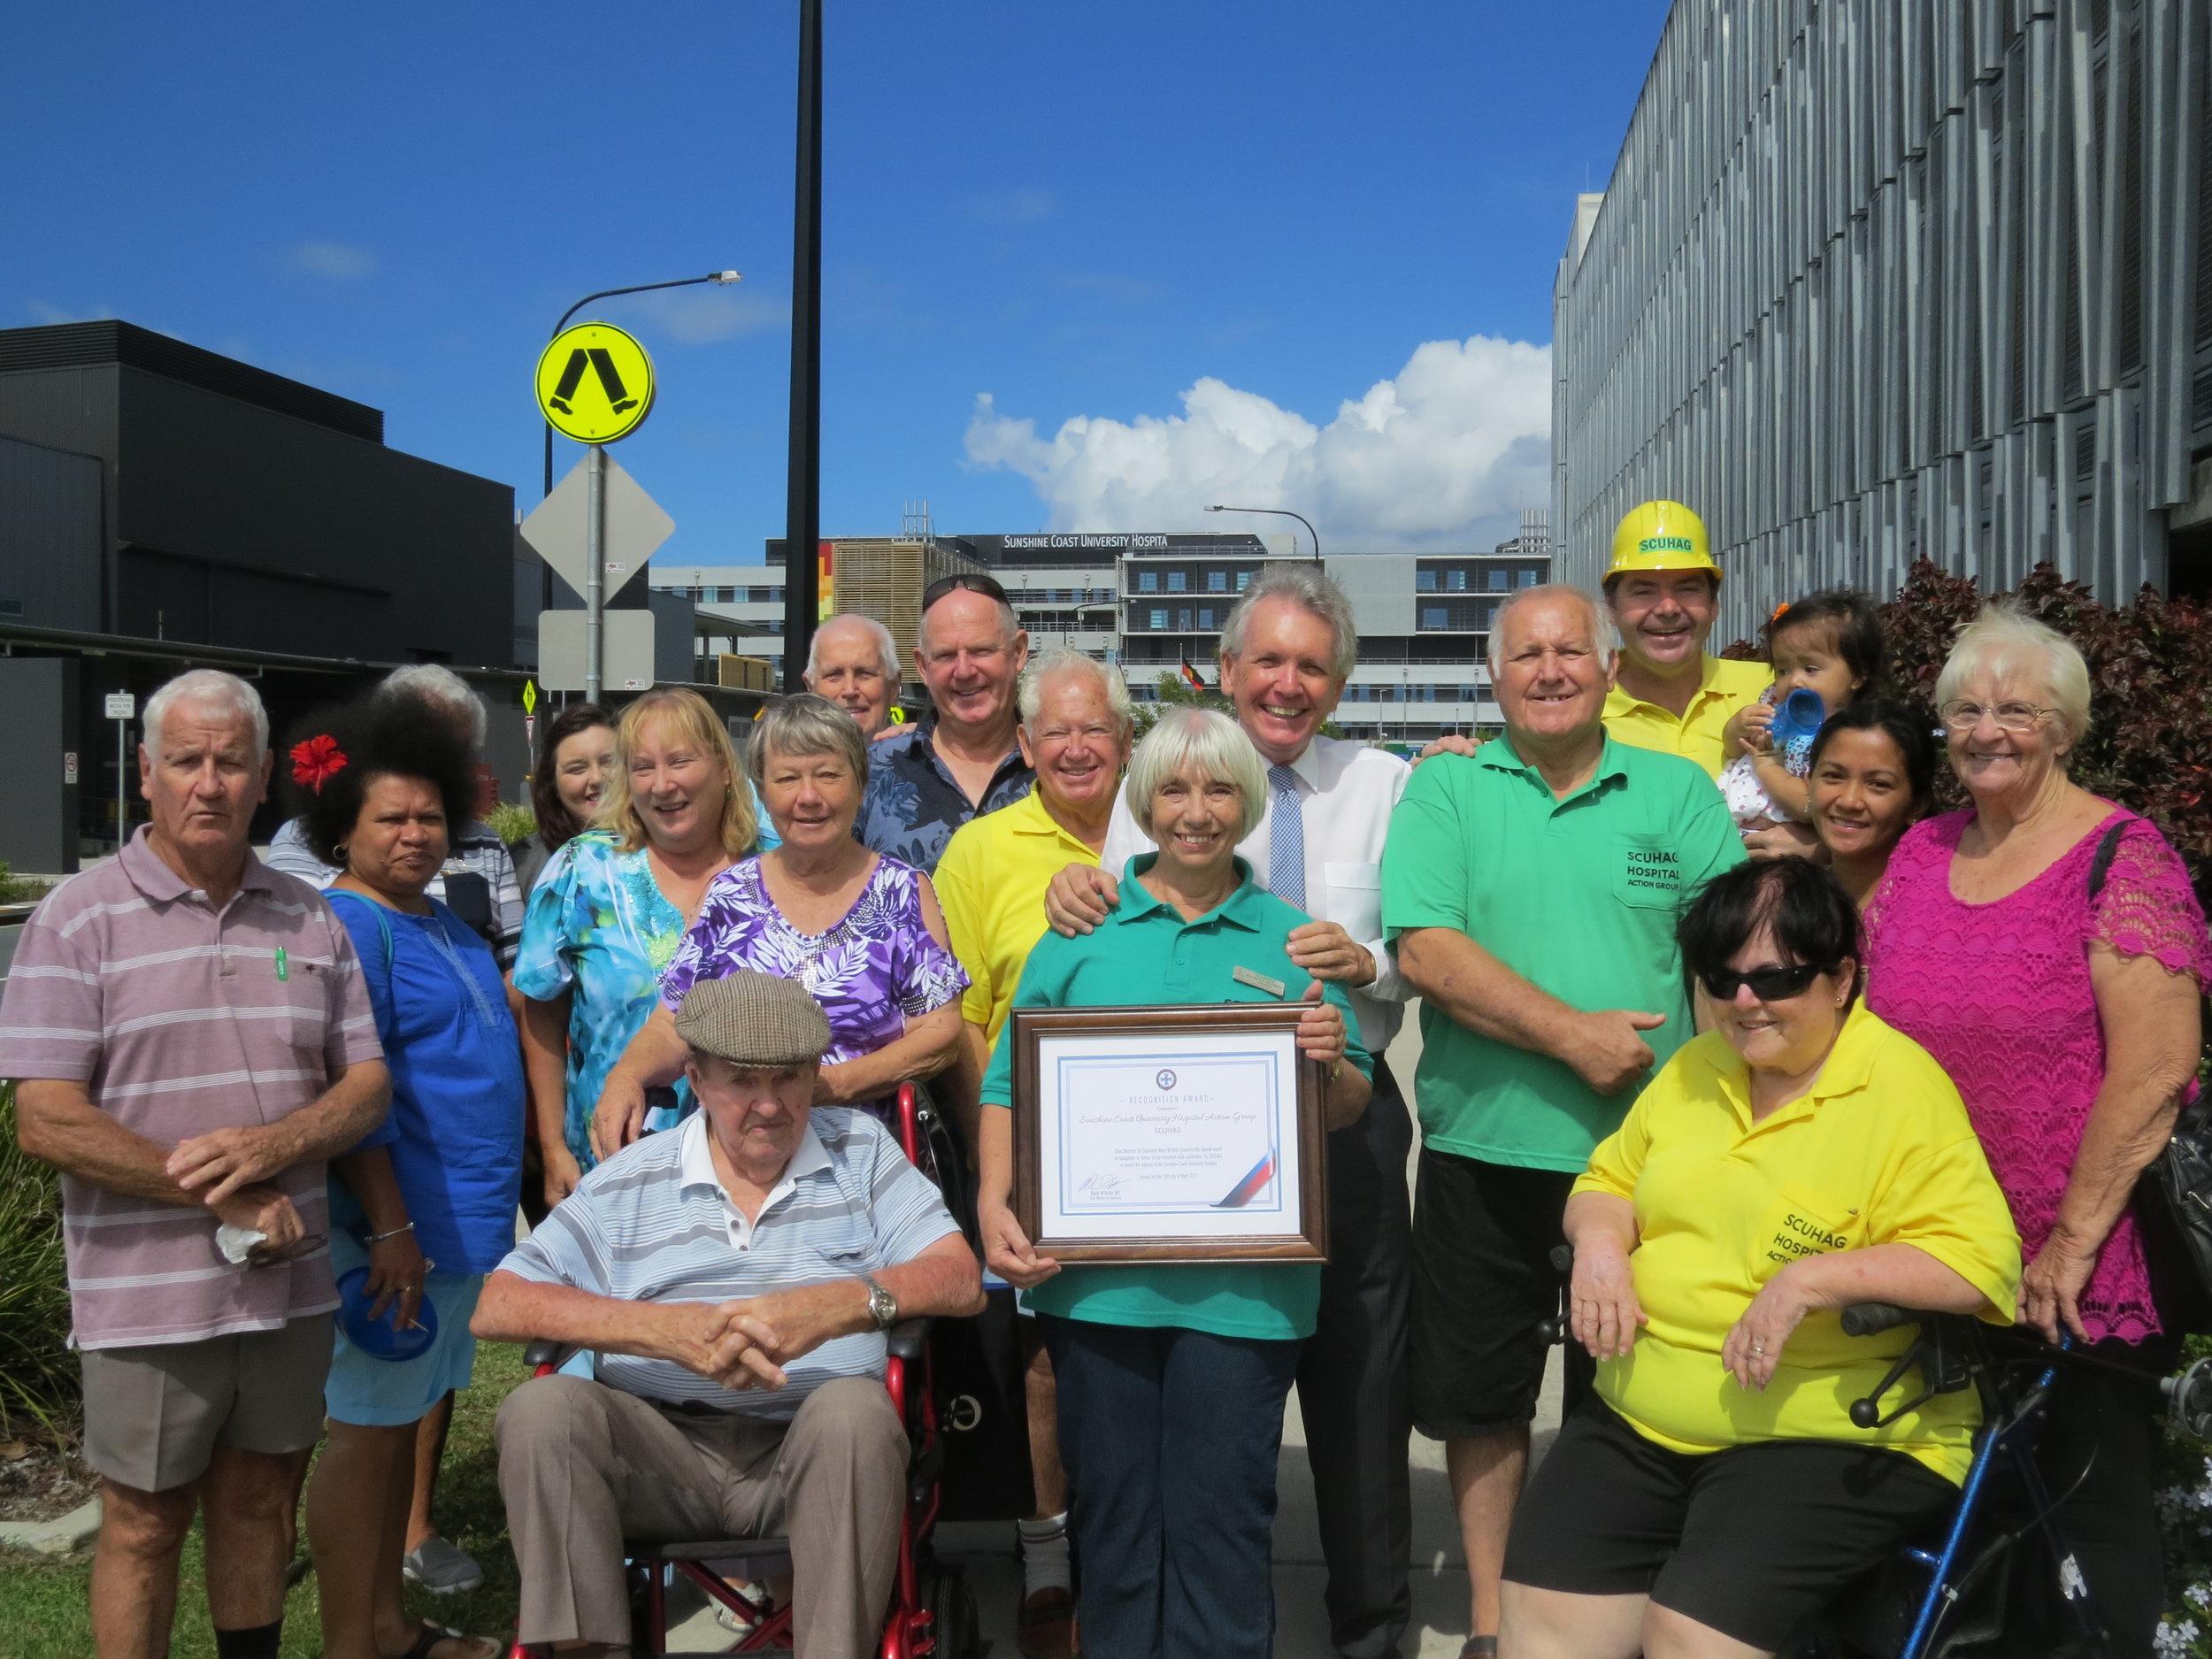 Sunshine Coast University Hospital Action Group (SCUHAG)